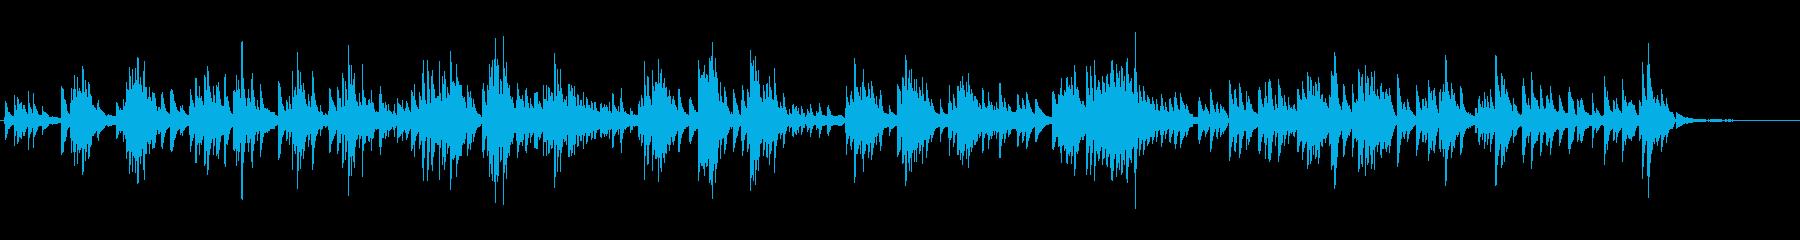 生ピアノソロ・寄せては返す波の再生済みの波形